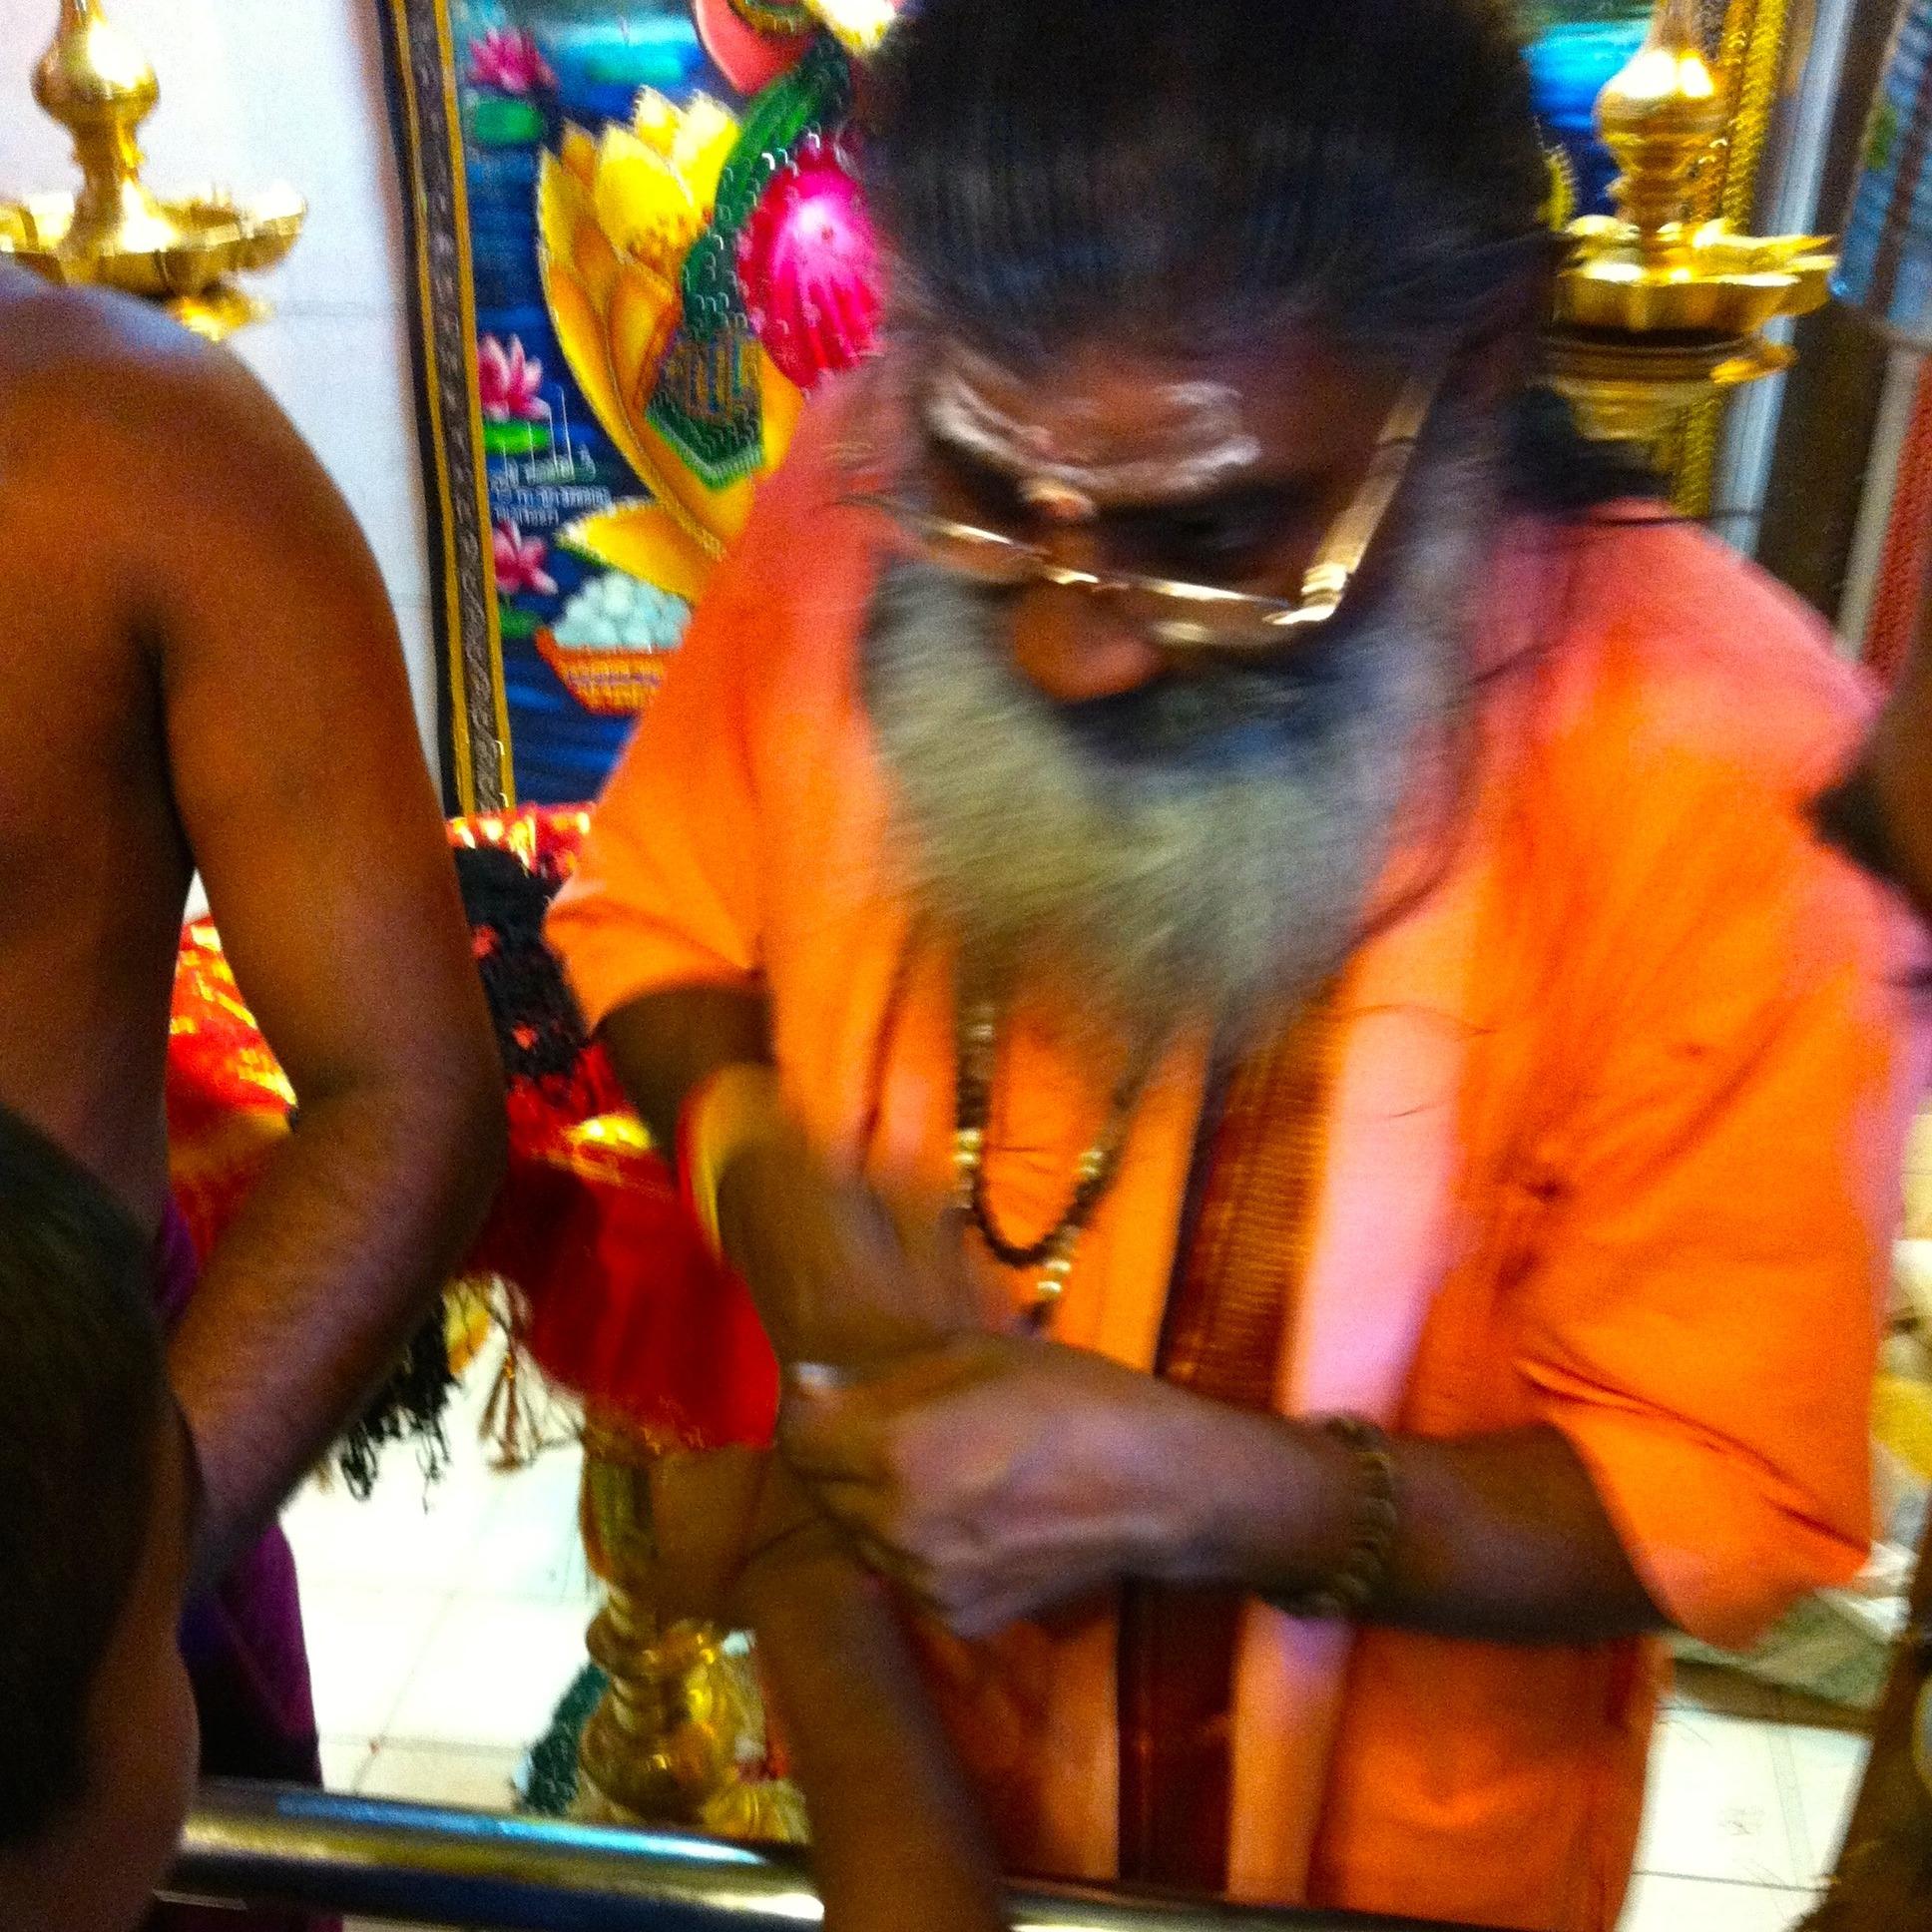 【ヒンドゥー教】信者にピリット・ヌーラを巻く僧侶... 【ヒンドゥー教】信者にピリット・ヌーラを